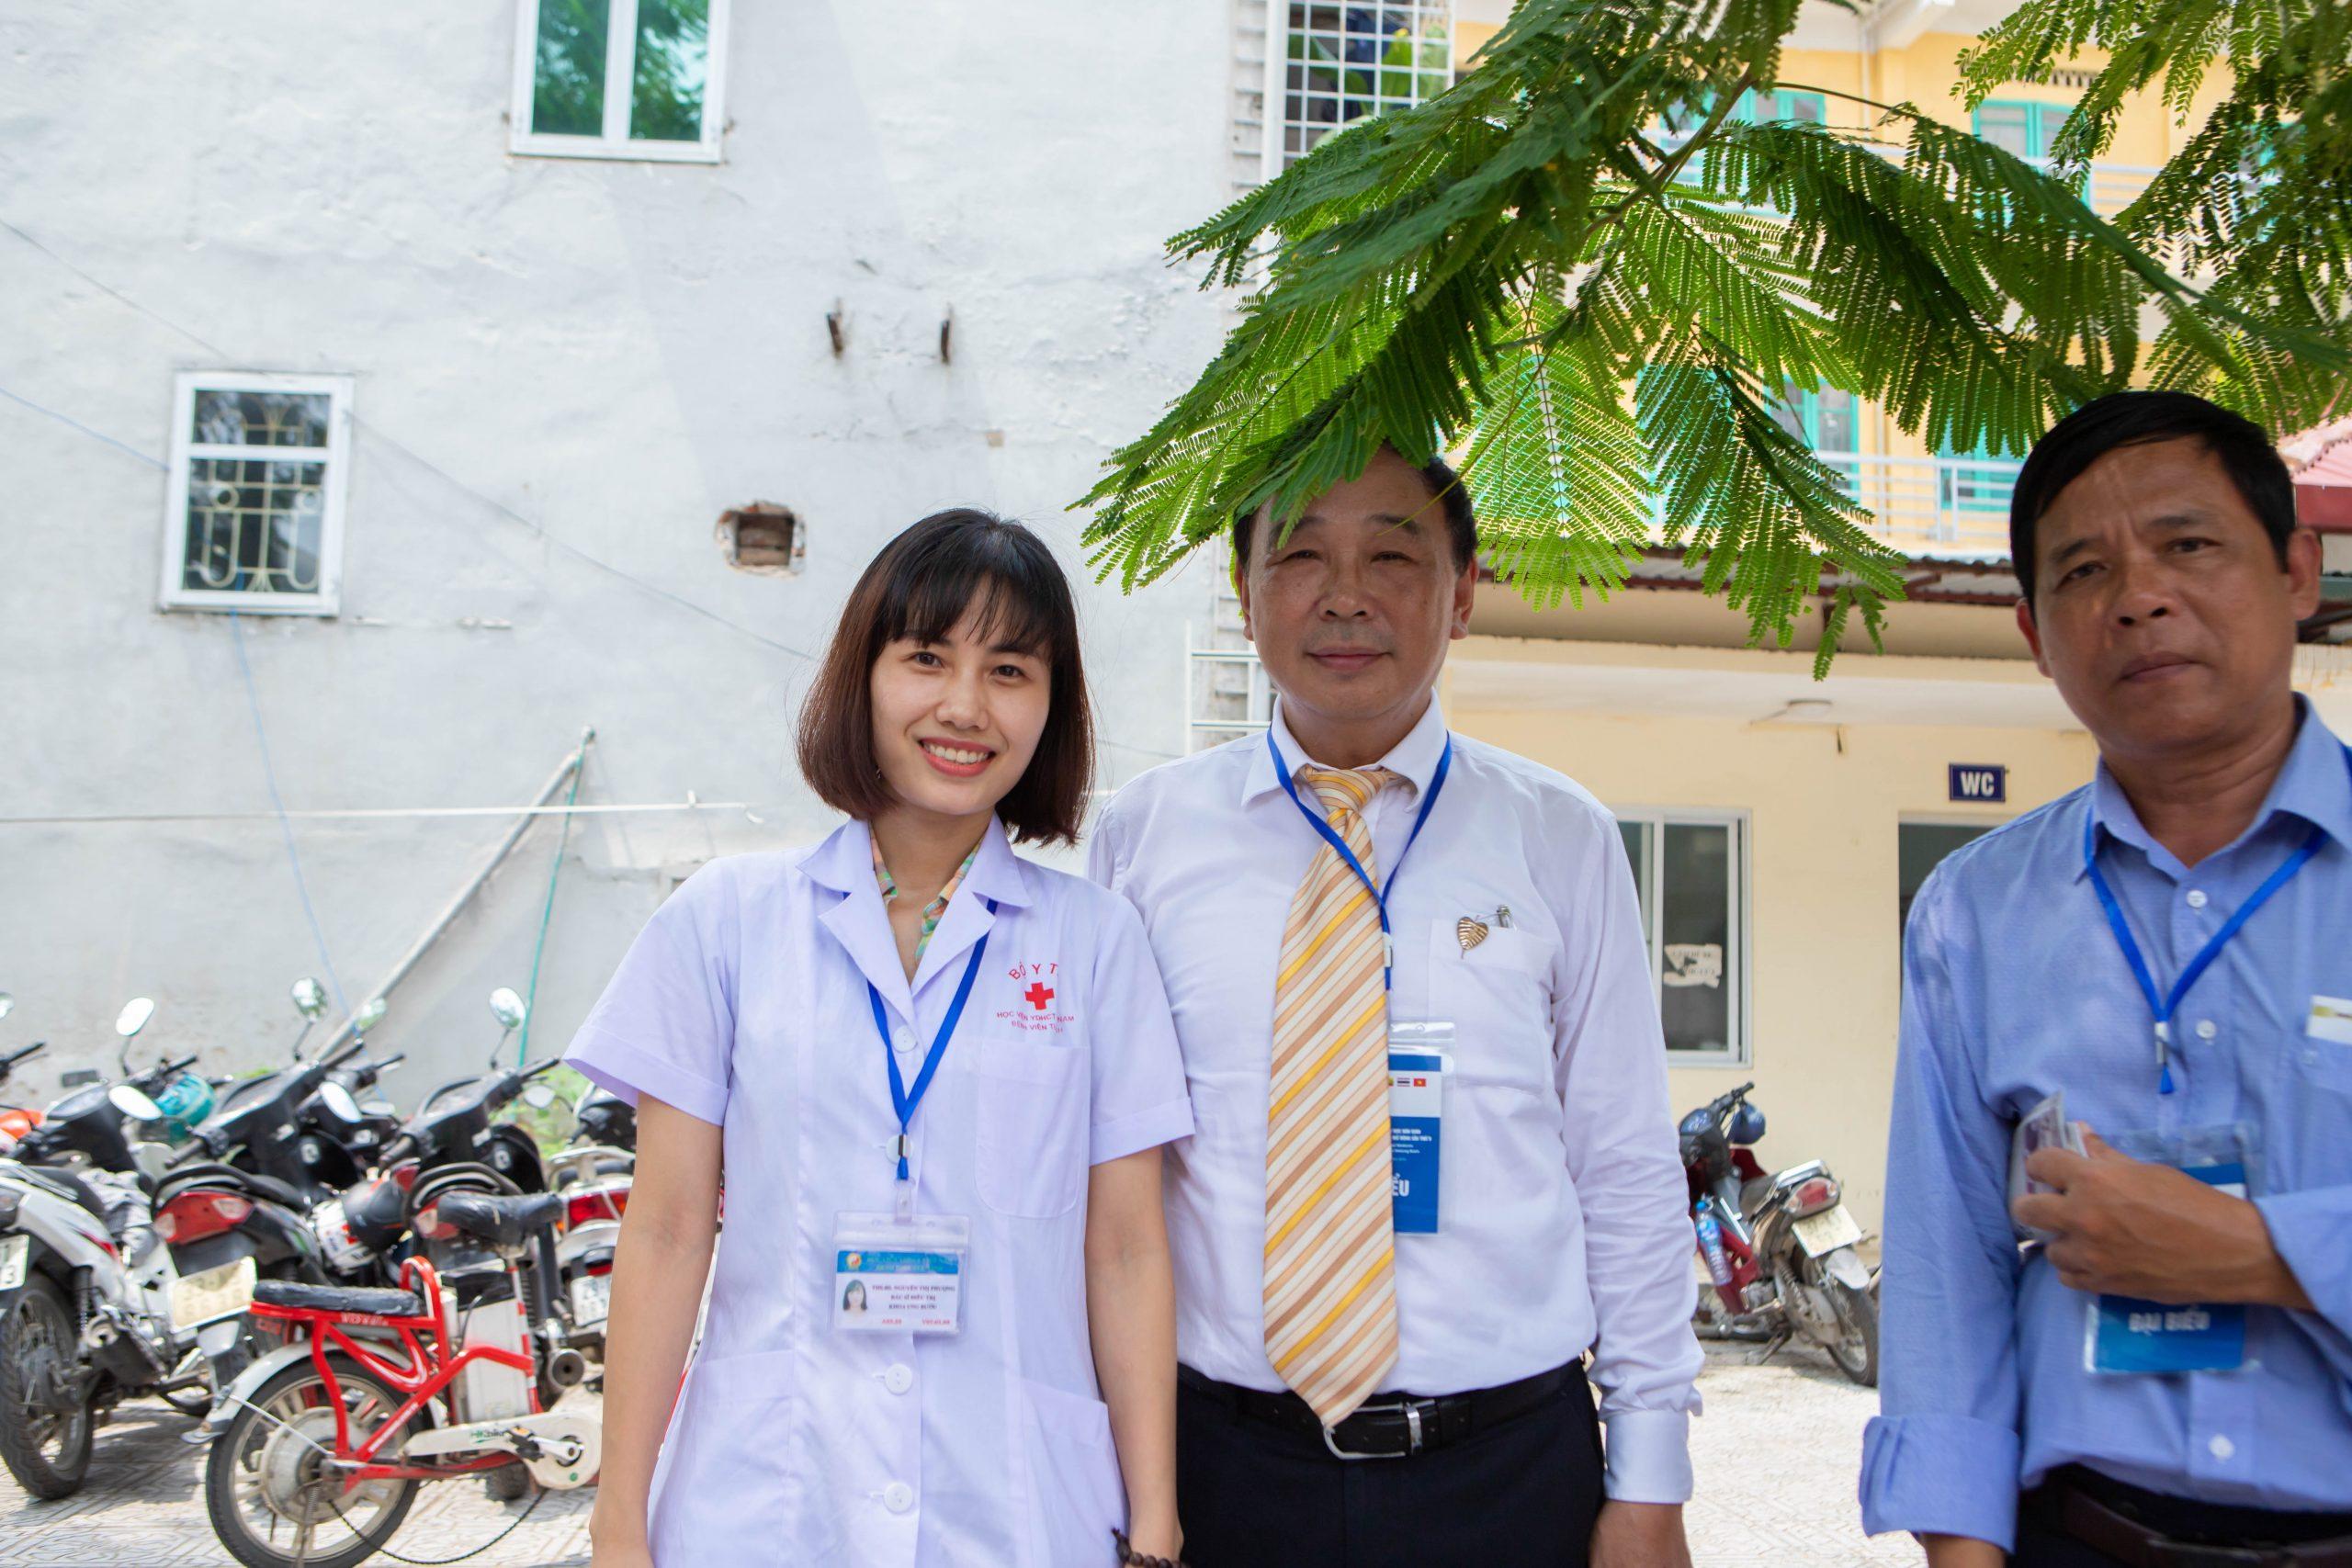 Bs Phượng chụp ảnh lưu niệm cùng PGs. Ts Trương Việt Bình - Nguyên Giám đốc Học viện Y dược Học cổ truyền Việt Nam